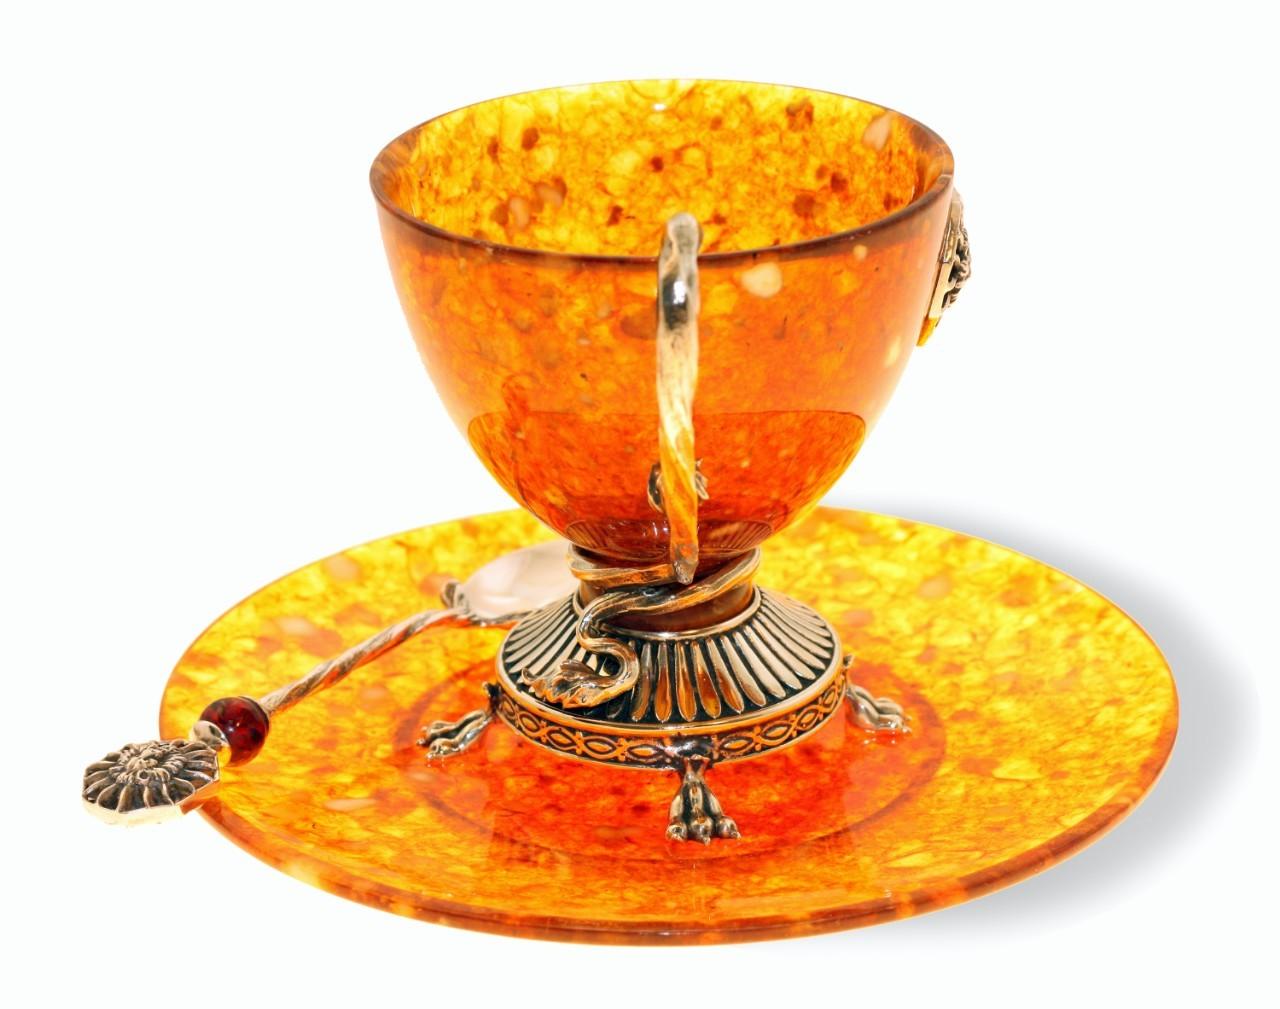 чайная пара из янтаря с ложечкой «Цезарь»